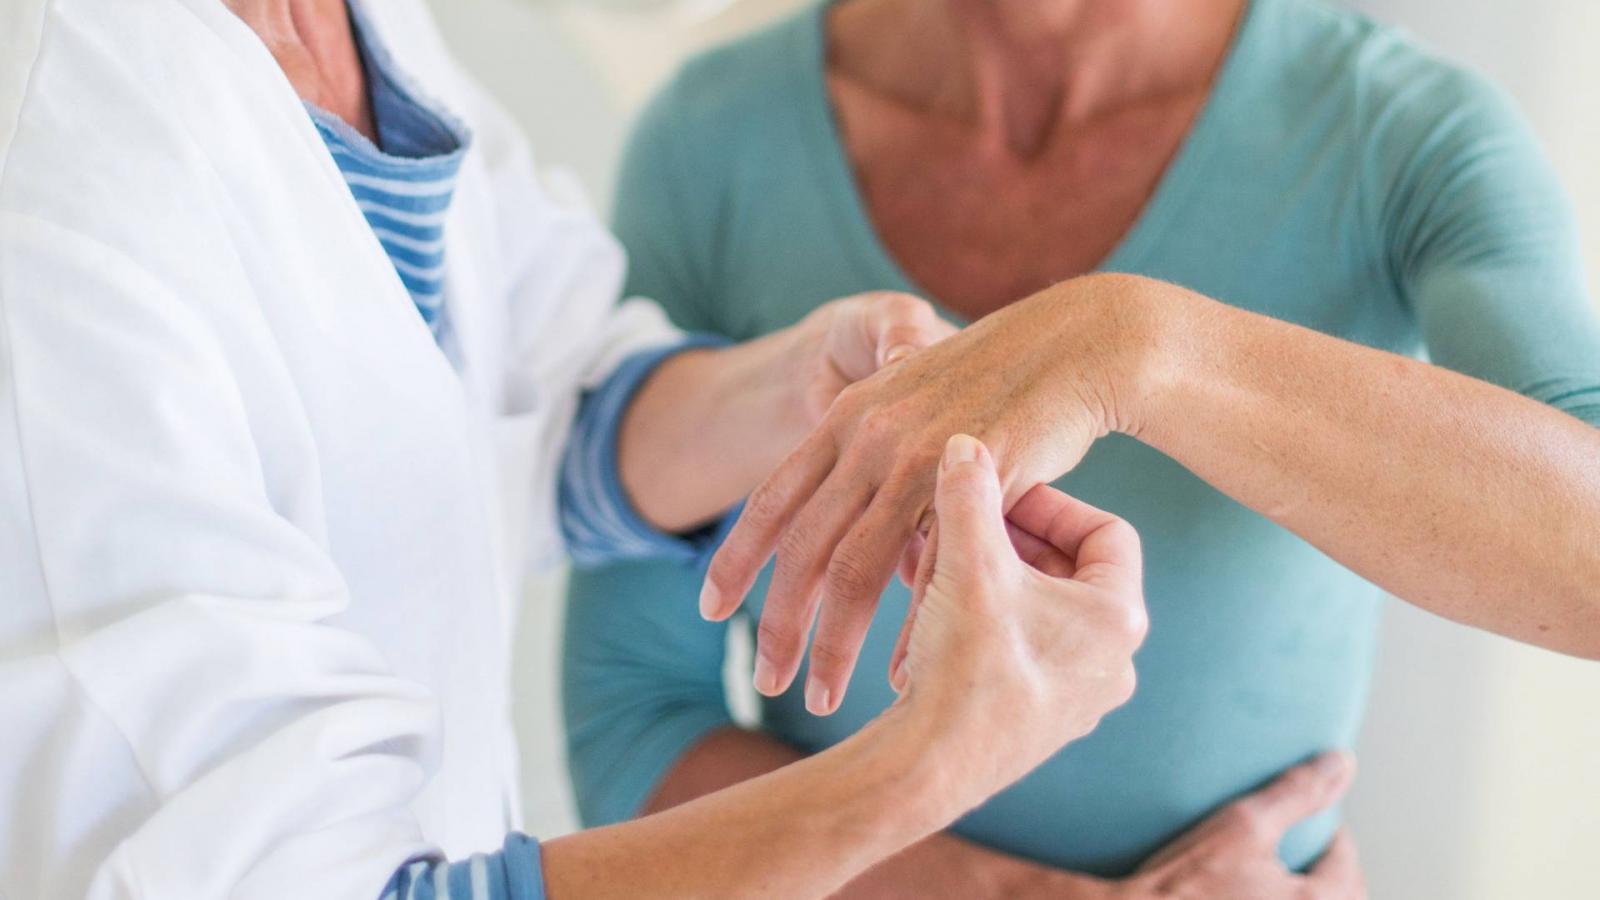 hogyan kezeljük az ízületi gyulladást milyen gyógyszerekkel ízületi sóoldat